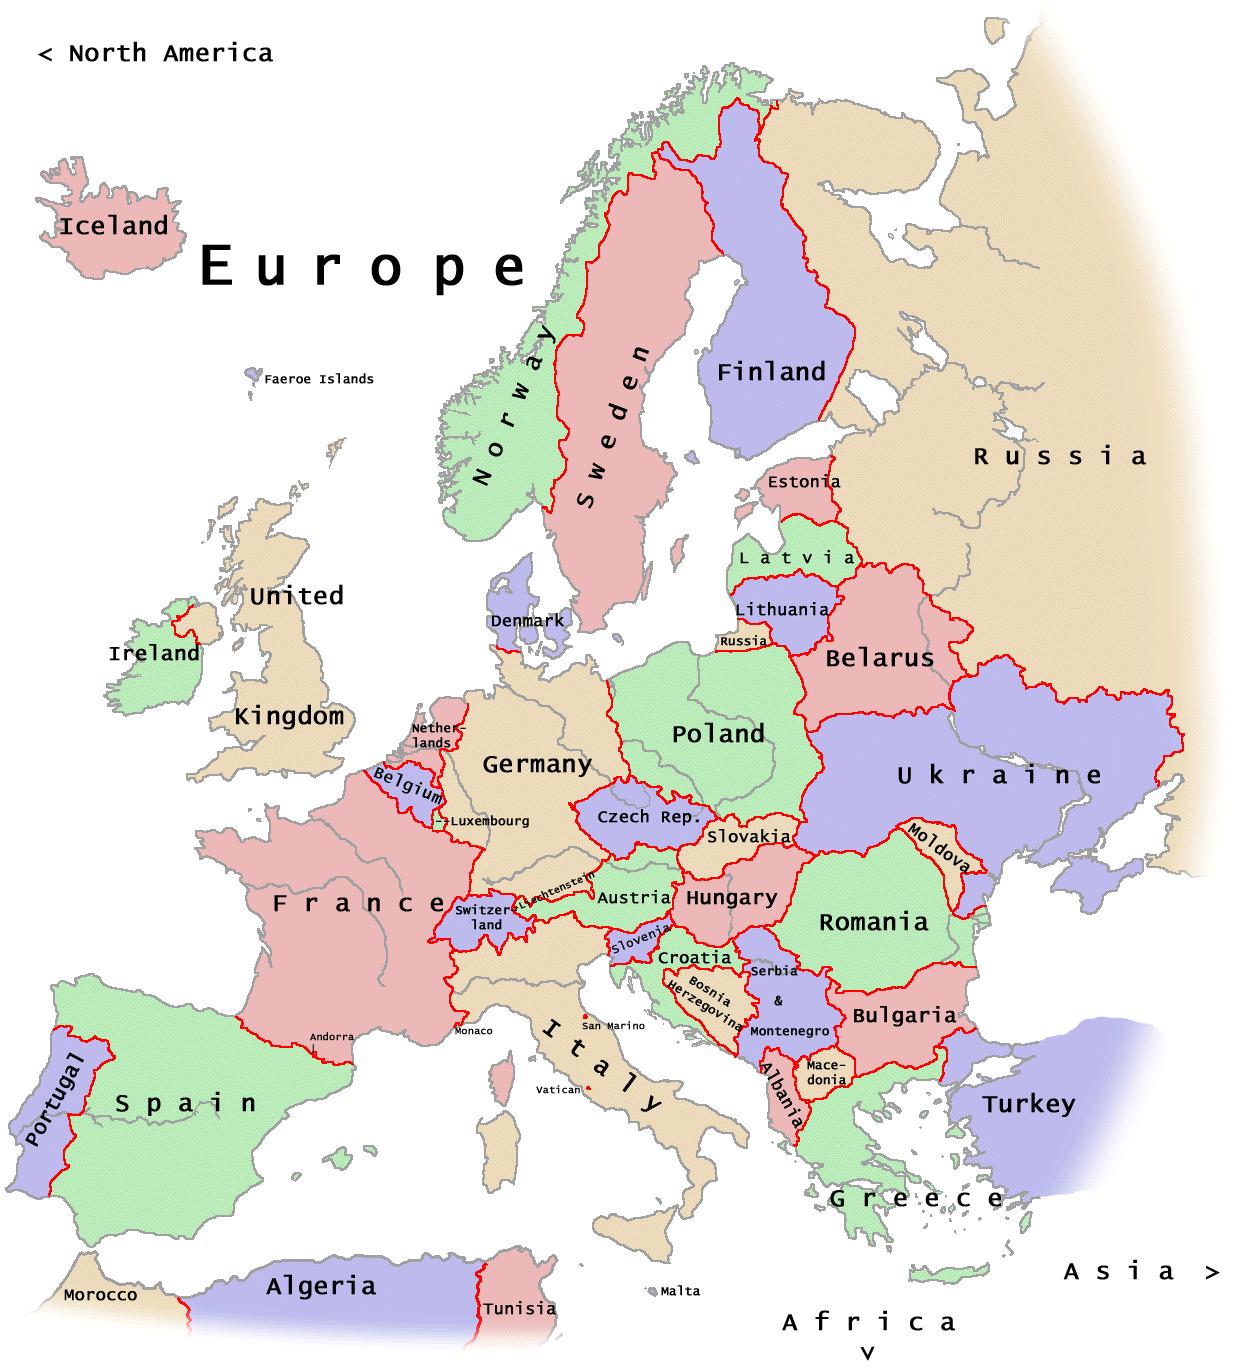 fotos de paises de europa: